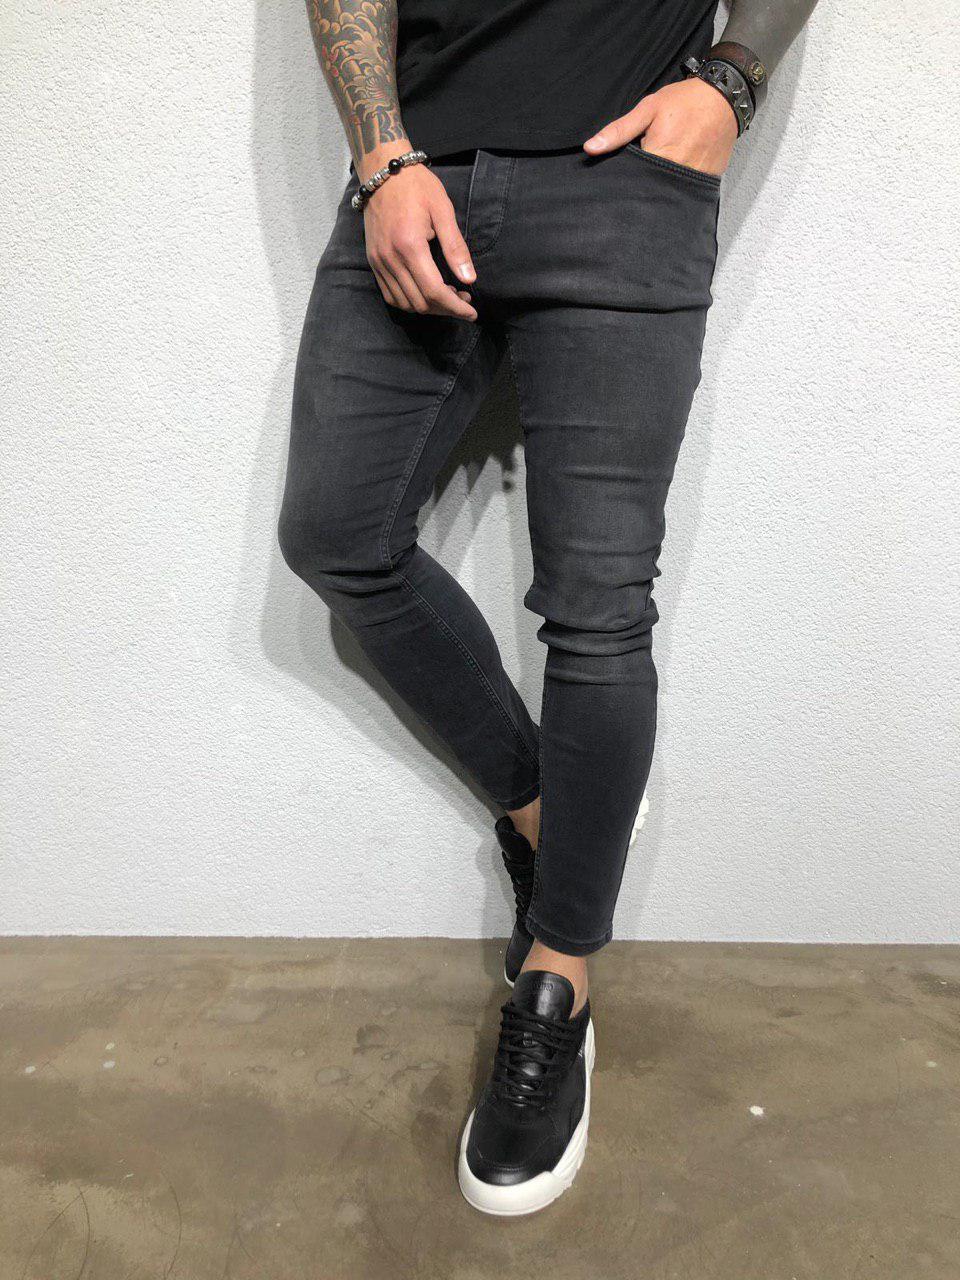 6d8610d2df4 Джинсы мужские зауженные черные ZARA топ реплика - Интернет-магазин обуви и  одежды KedON в